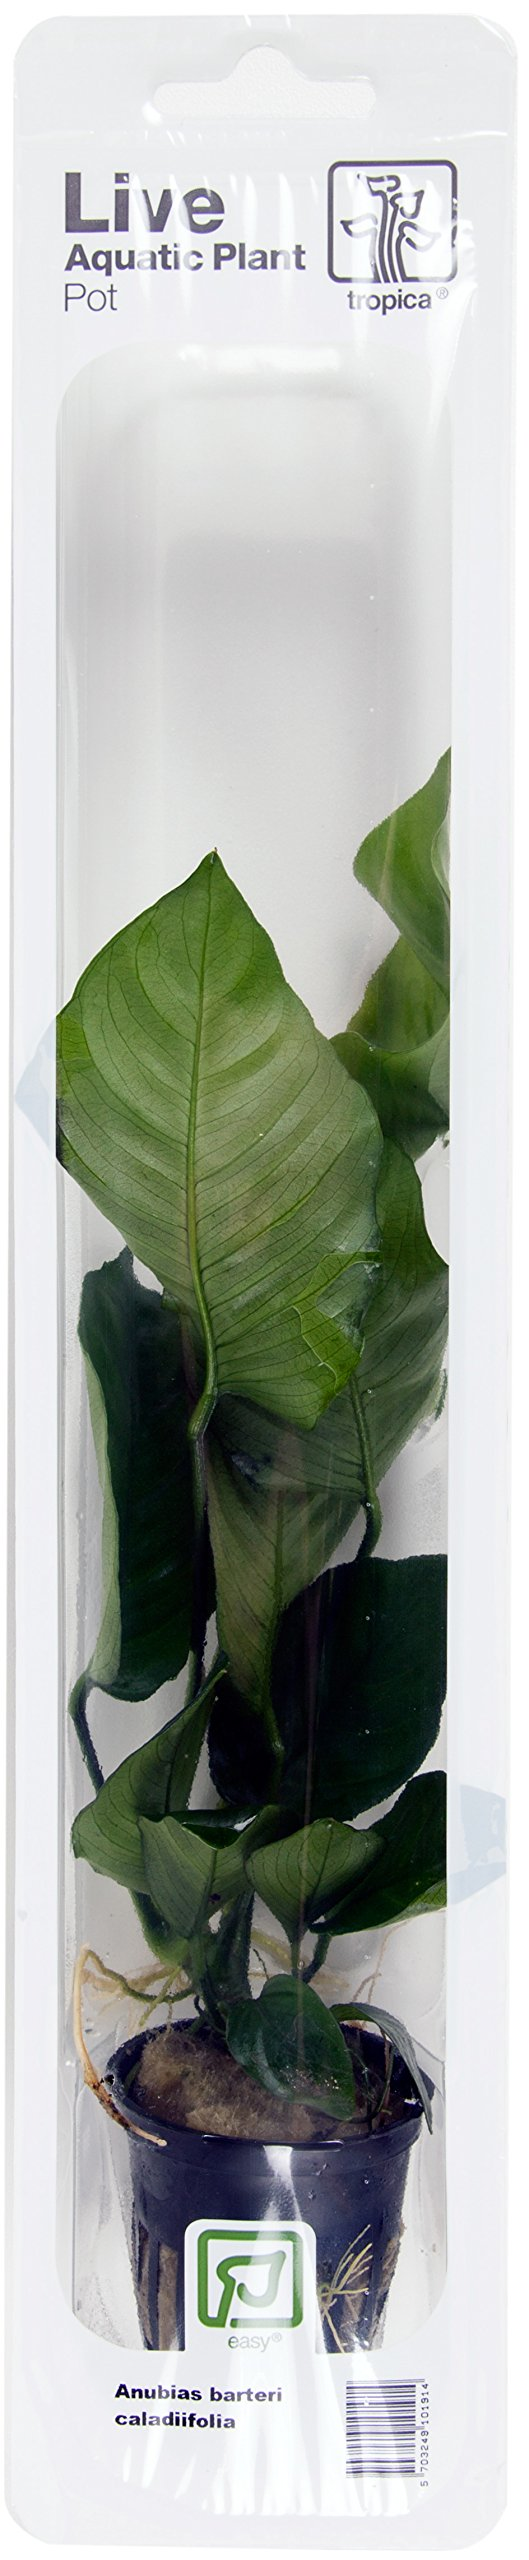 Anubias barteri cladiifolia - Tropica Live Aquarium Plant - EU Grown &  Shrimp Safe